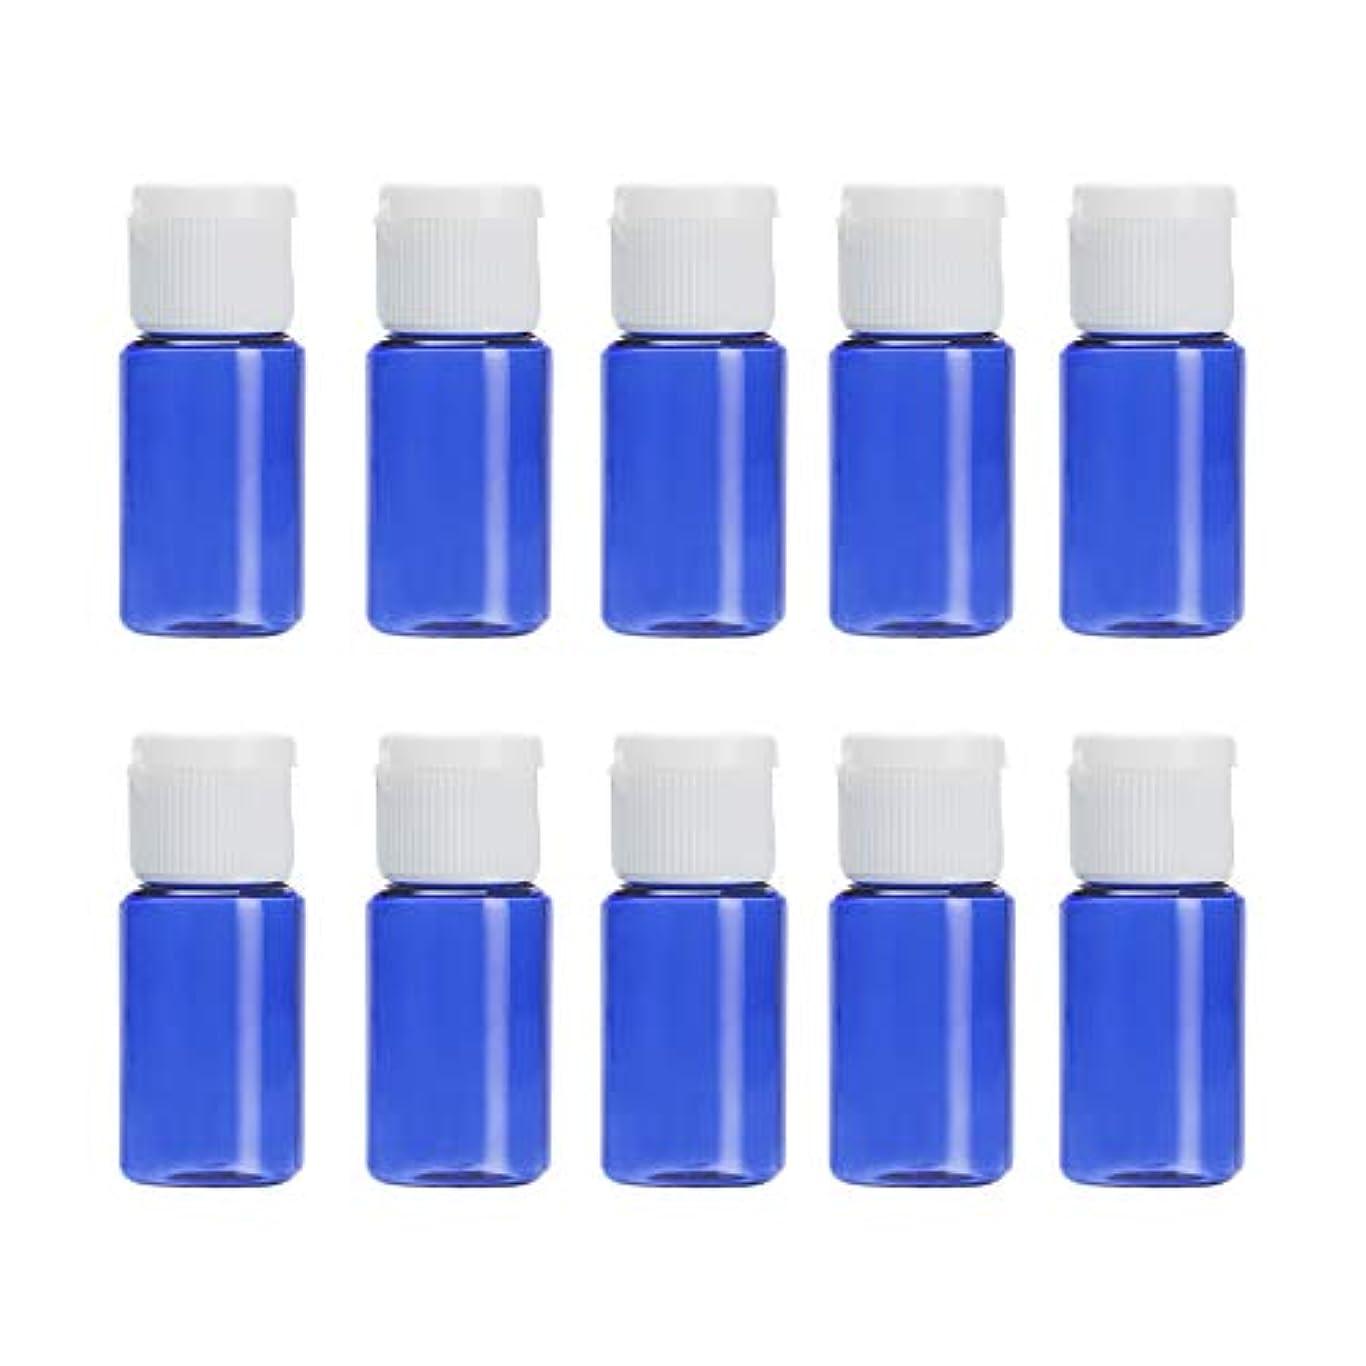 コンテンツ湿度欠席Vi.yo 小分けボトル 香水ボトル 化粧水 詰替用ボトル 携帯用 旅行用品 10ml 10本セット ブルー